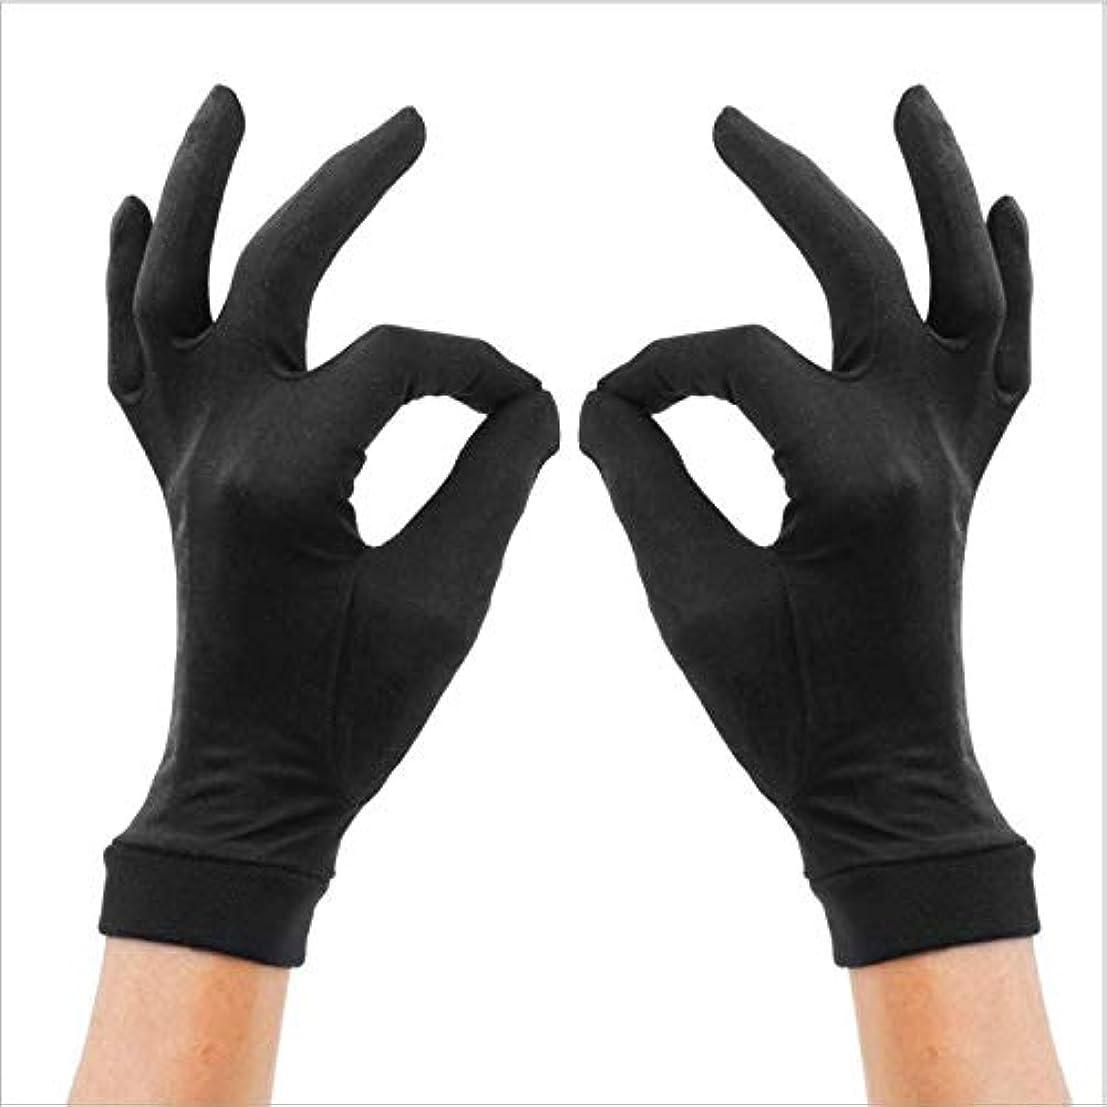 アドバンテージポンペイほぼシルク手袋 ALUL 手袋 シルク uvカット おやすみ 手触りが良い 紫外線 日焼け防止 手荒い 保湿 夏 ハンド ケア レディース/メンズ